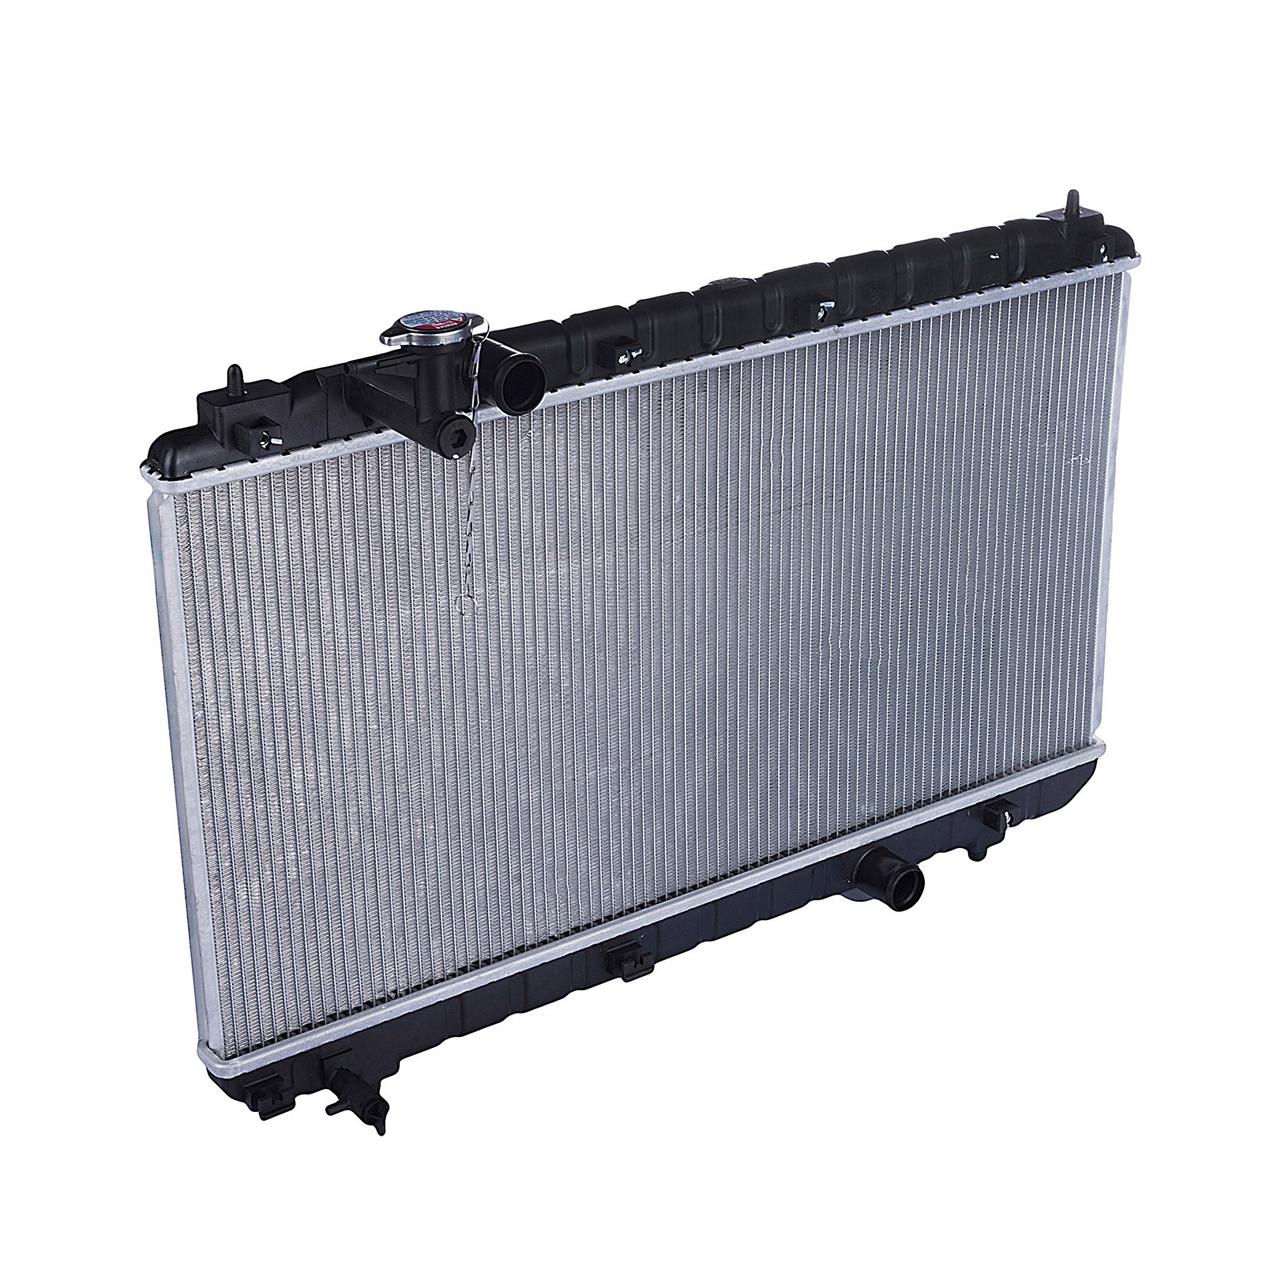 رادیاتور آب مدل MG10001378 مناسب برای ام جی 6 و  550